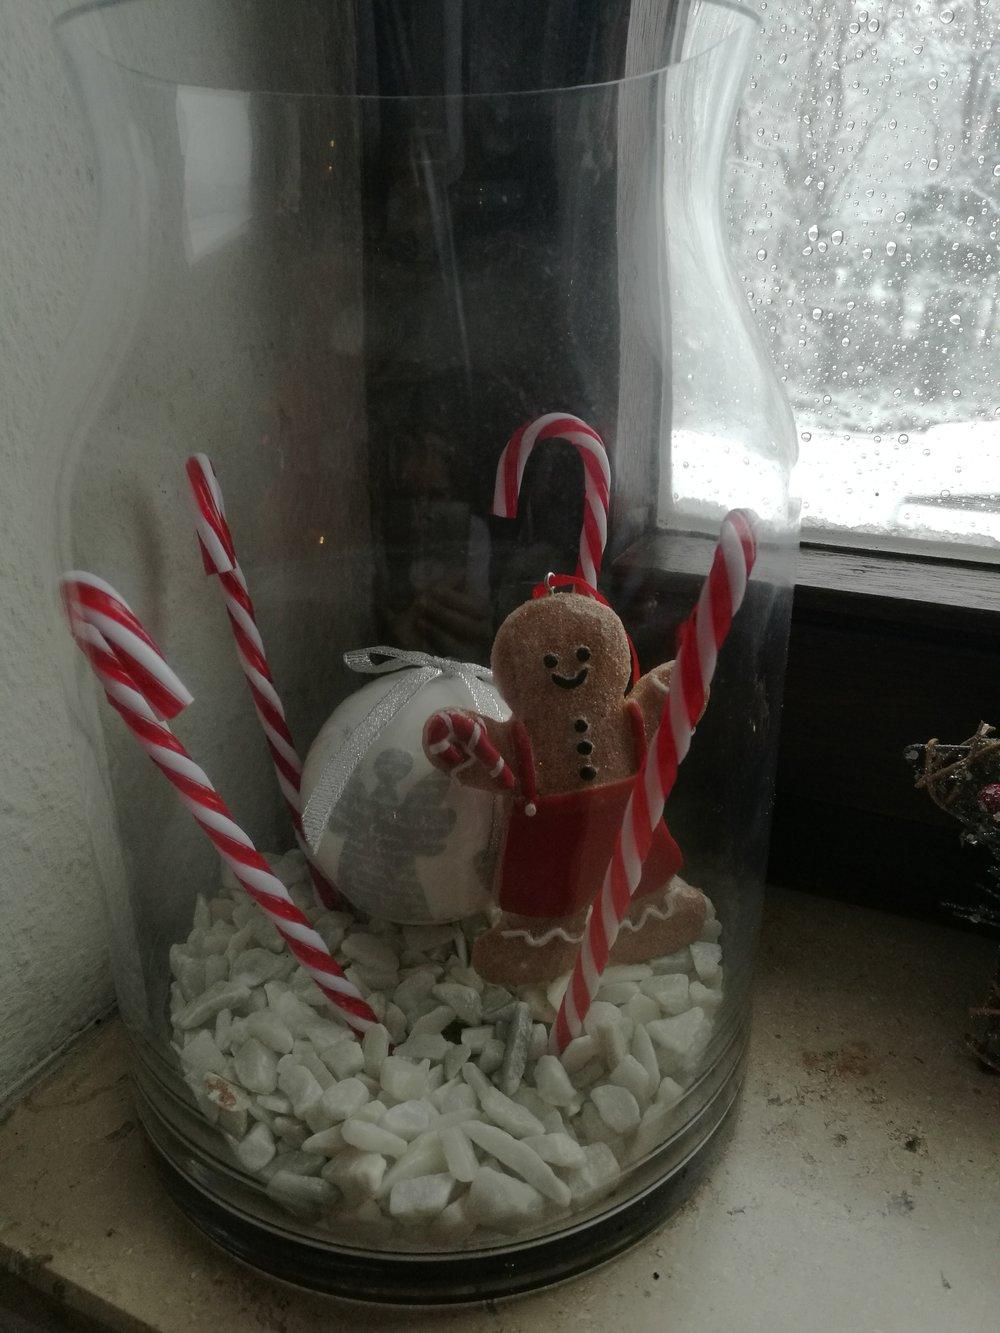 gingerbread man Christmas coziness Weihnachten Ruhe Entspannung relax